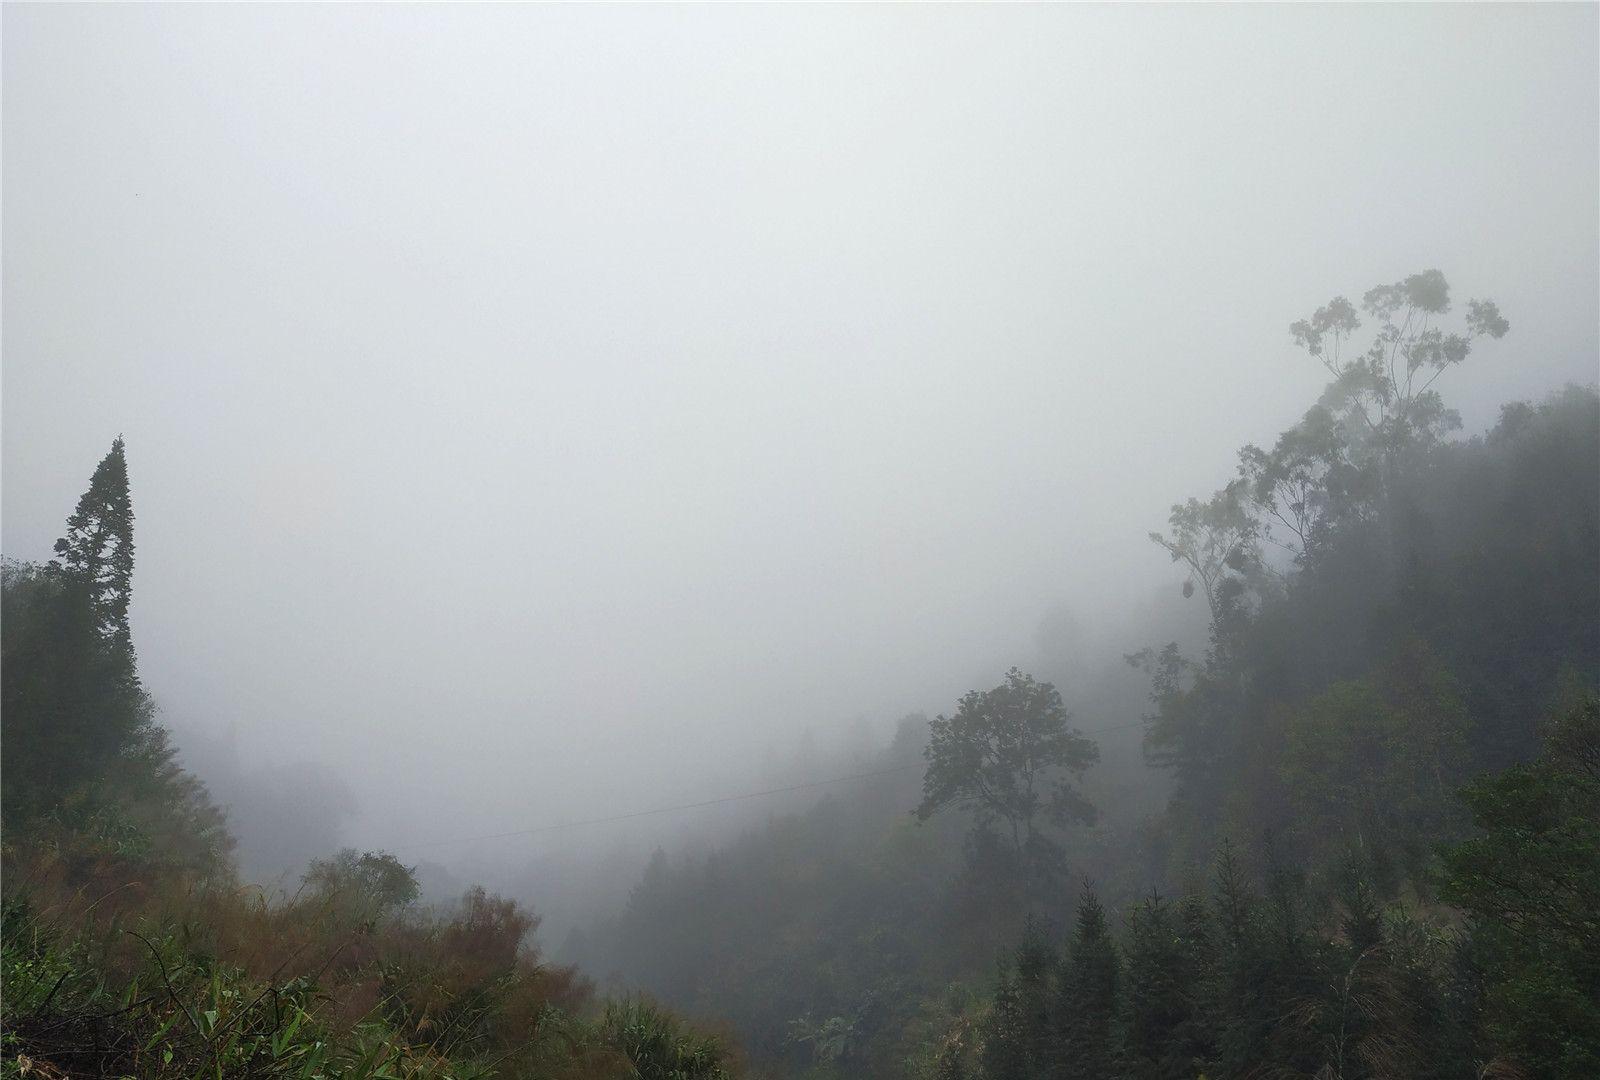 走进烟雨中八排山,一片灰濛濛,这份美景不可言表